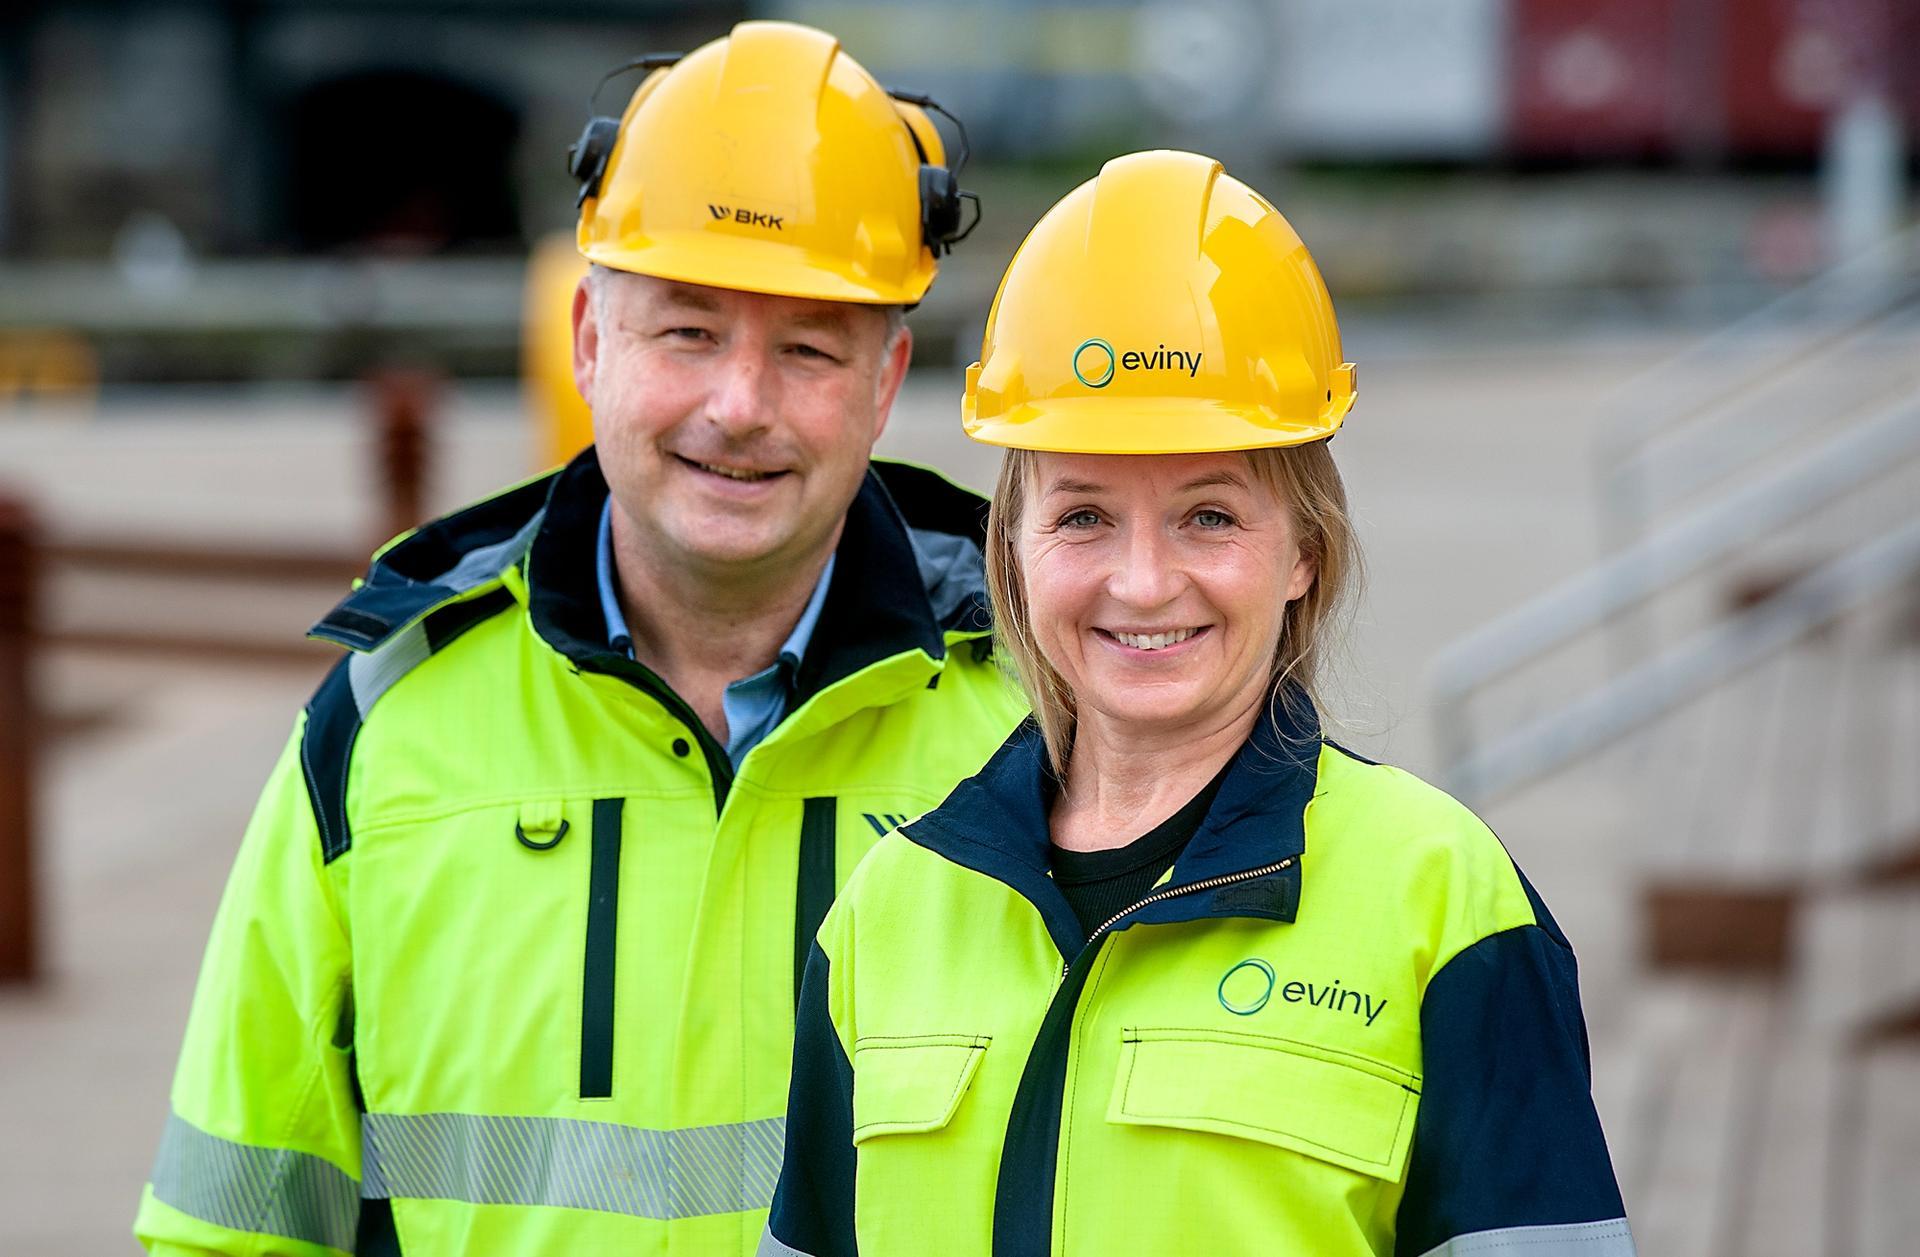 Konsernsjef Jannicke Hilland er klar til å ta i bruk hjelm og arbeidsjakke med den nye Eviny-logoen, mens administrerende direktør Ketil Tømmernes i nettselskapet skal videreføre BKK-navnet. Foto: Odd Mehus/BKK